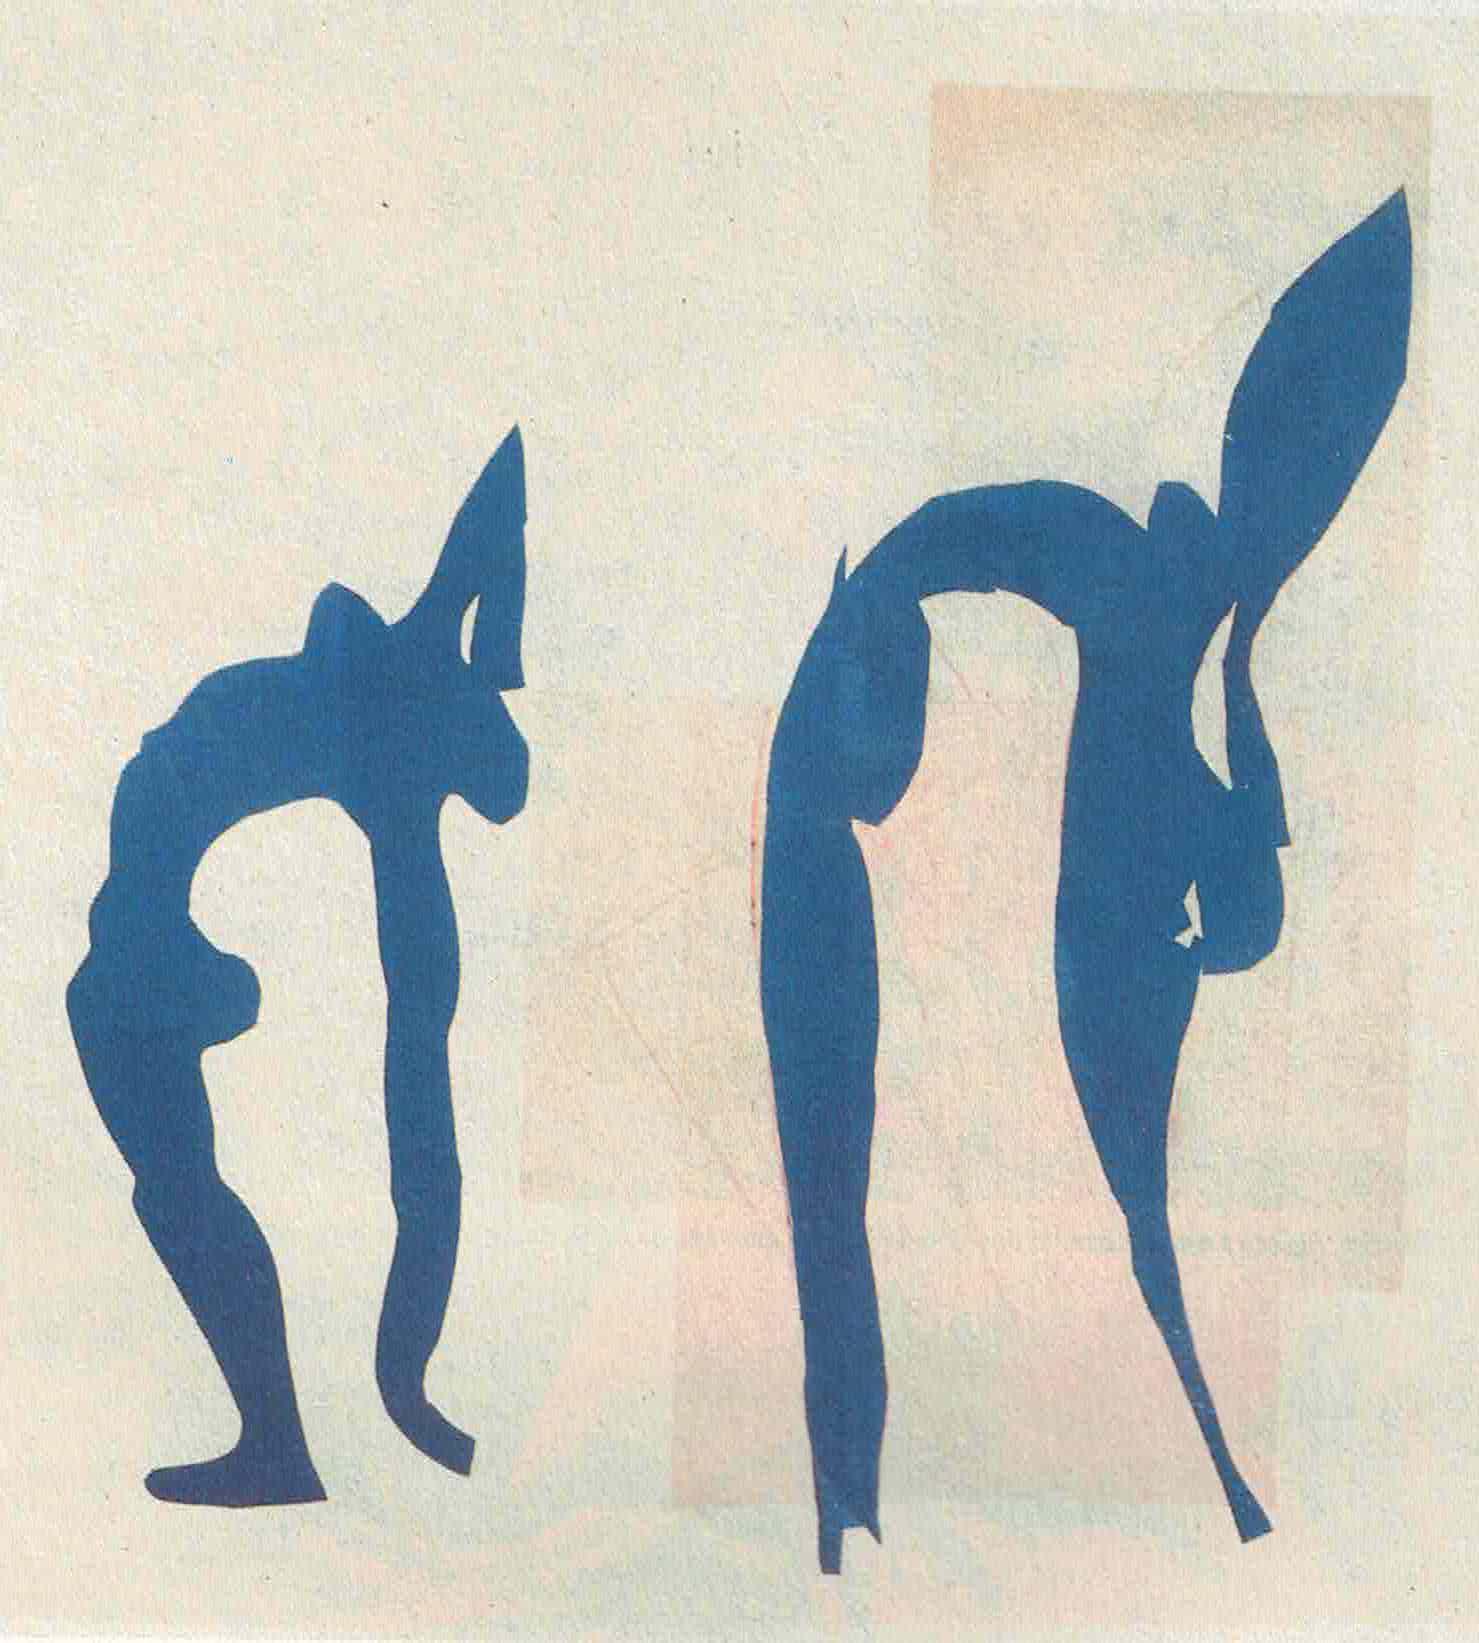 Figura 4 - Matisse. Acrobates (1952). Coleção Privada.